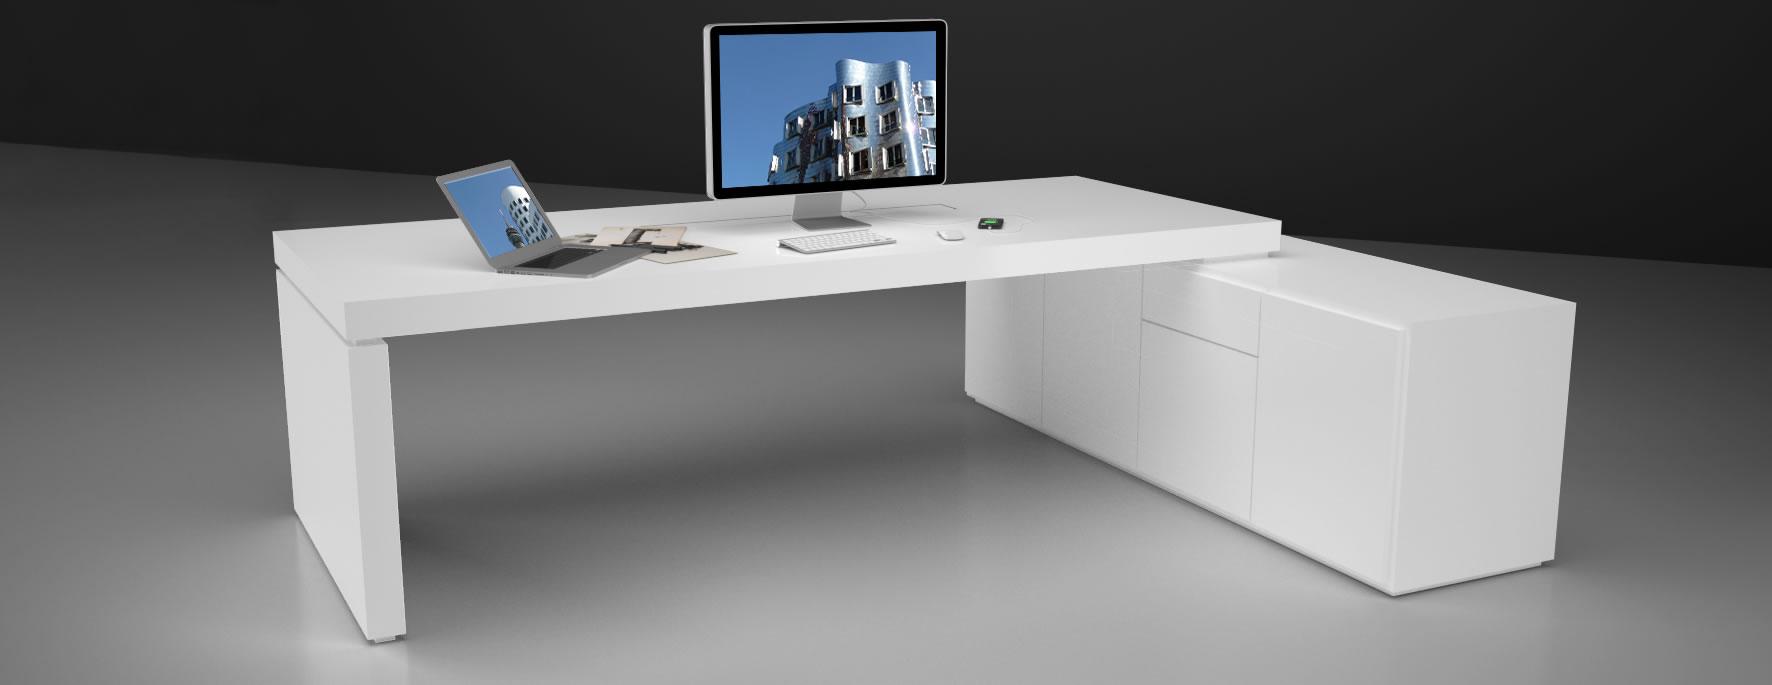 schreibtisch praefectus shop bauhaus design chefzimmertisch von rechteck. Black Bedroom Furniture Sets. Home Design Ideas